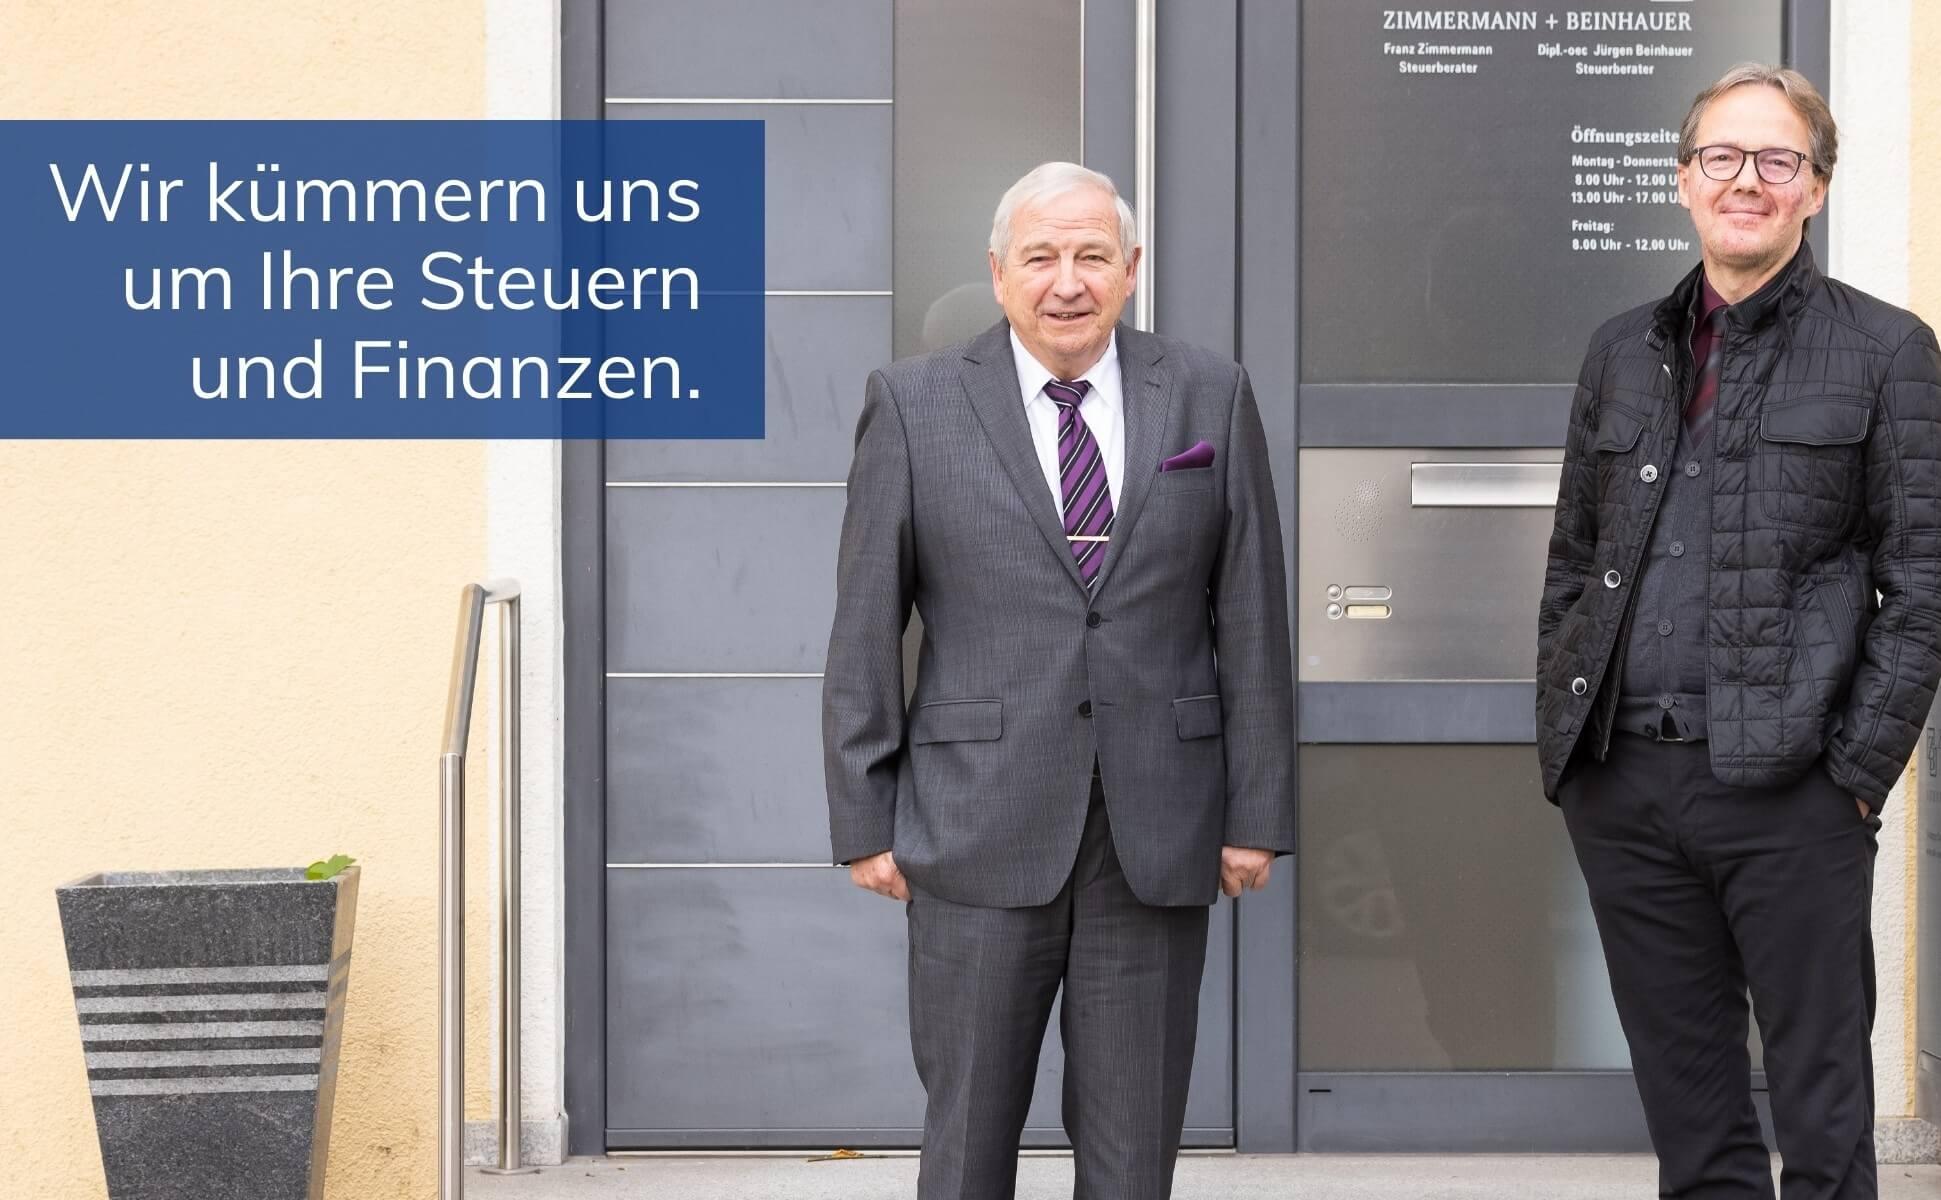 steuerberater zimmermann beinhauer thannhausen